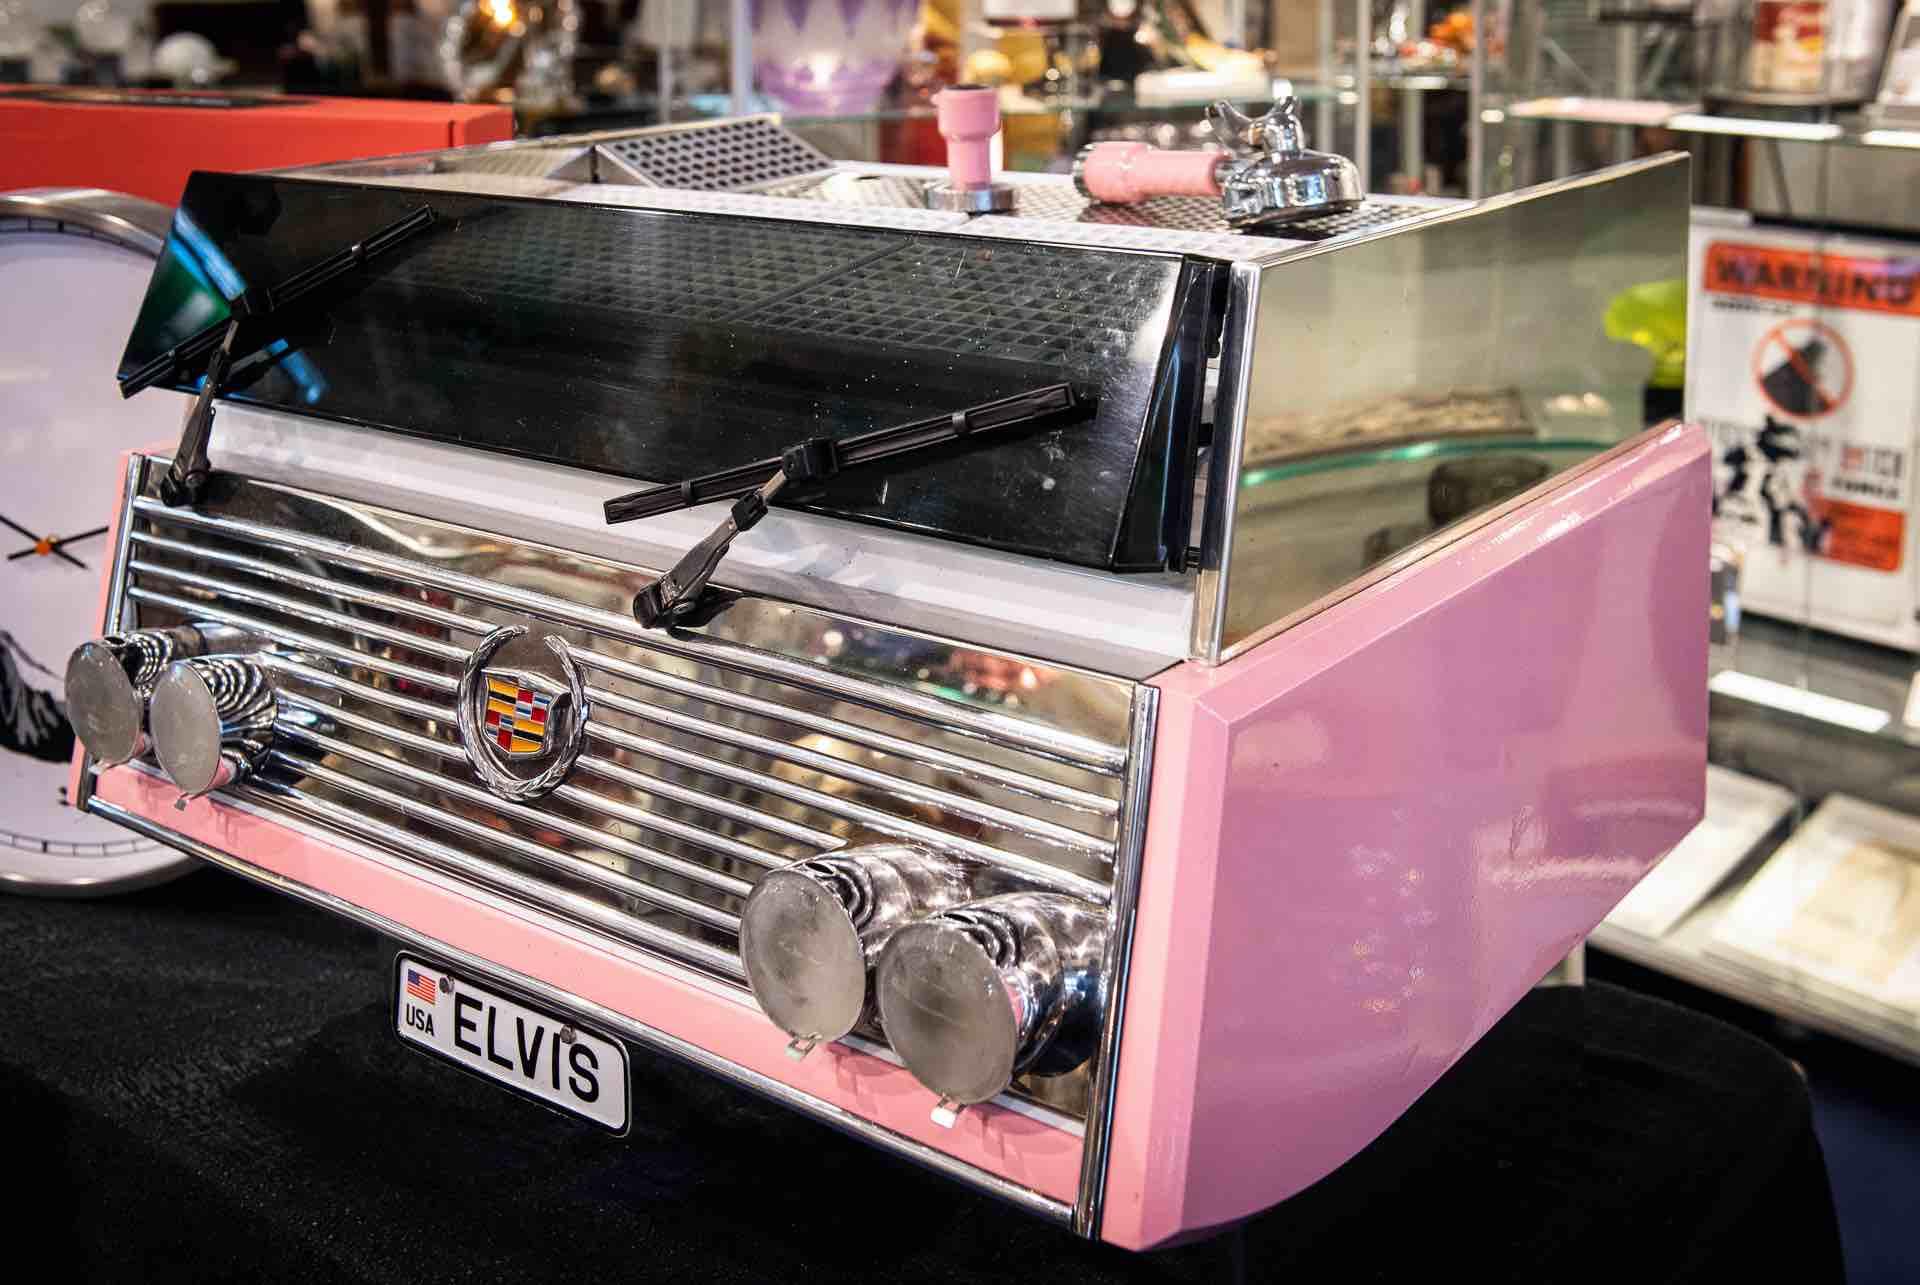 macchina da caffè Elvis